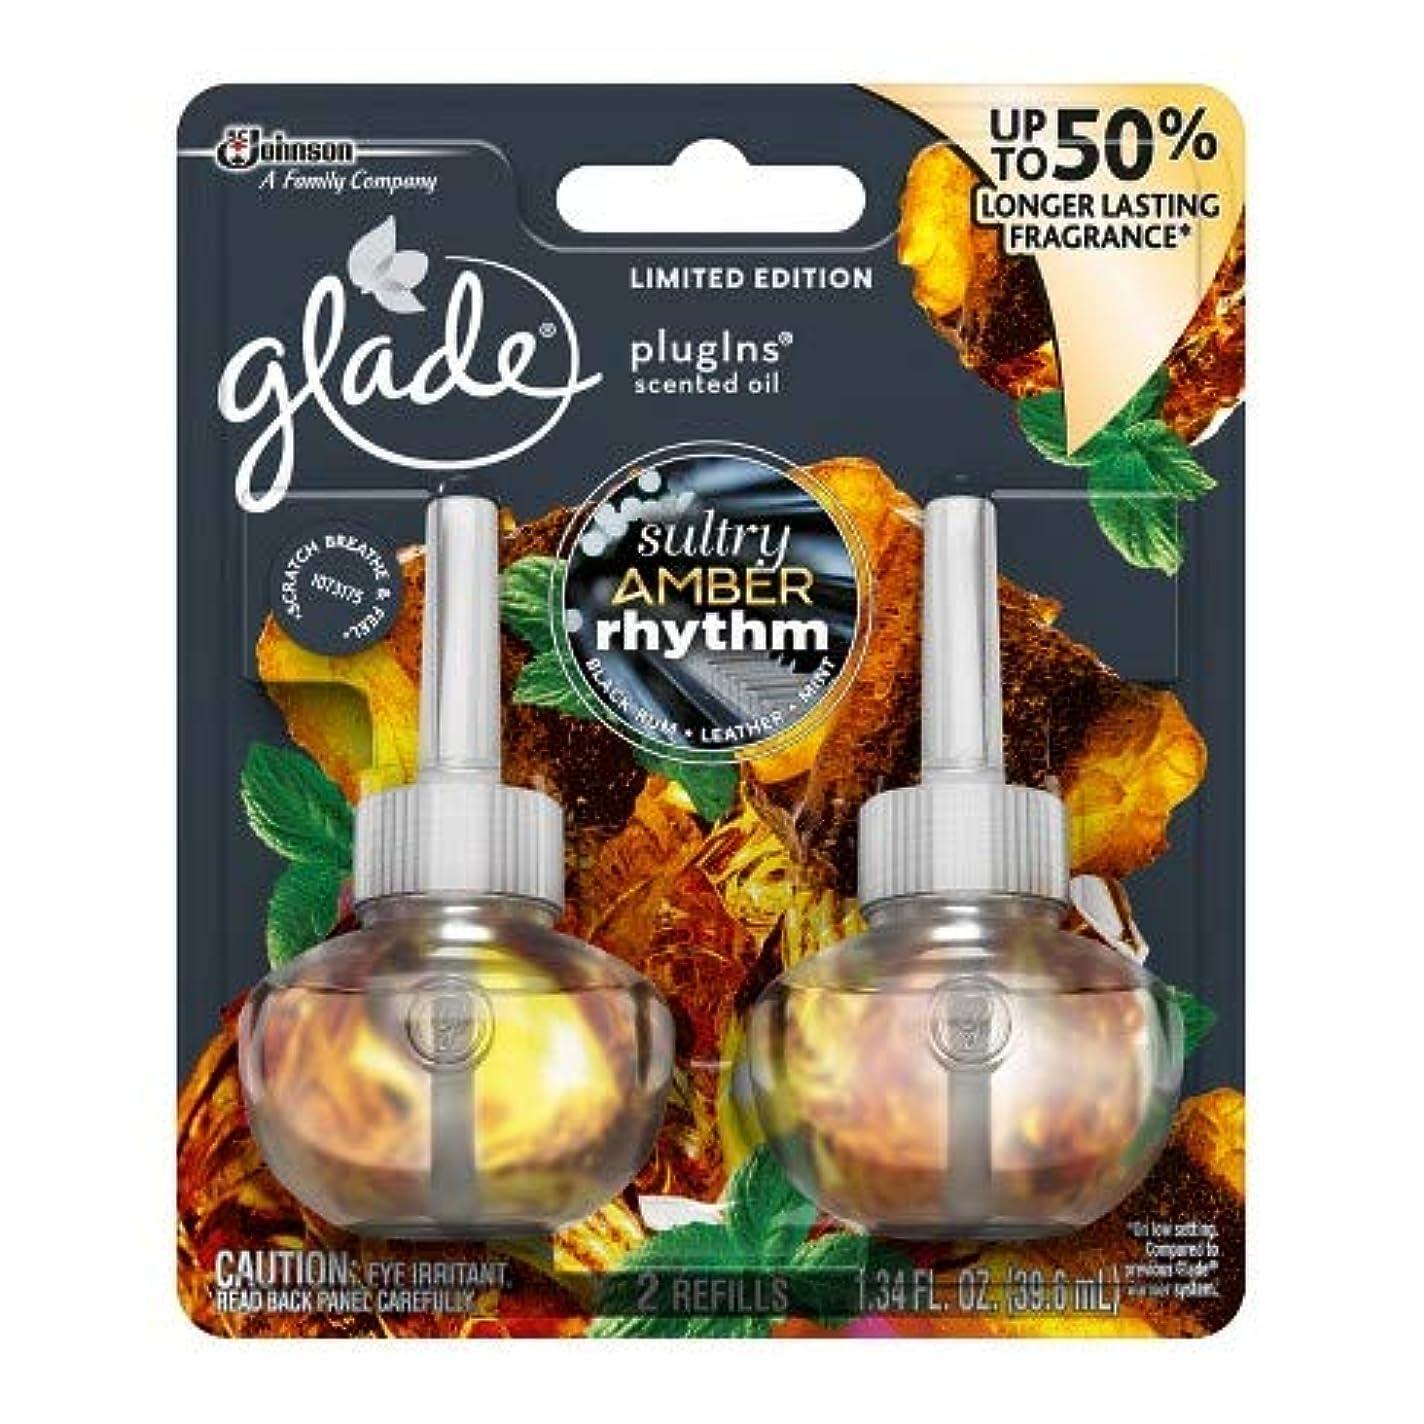 ナンセンス暫定アリス【glade/グレード】 プラグインオイル 詰替え用リフィル(2個入り) サルトリーアンバーリズム Glade Plugins Scented Oil Sultry Amber Rhythm 2 refills 1.34oz(39.6ml) [並行輸入品]